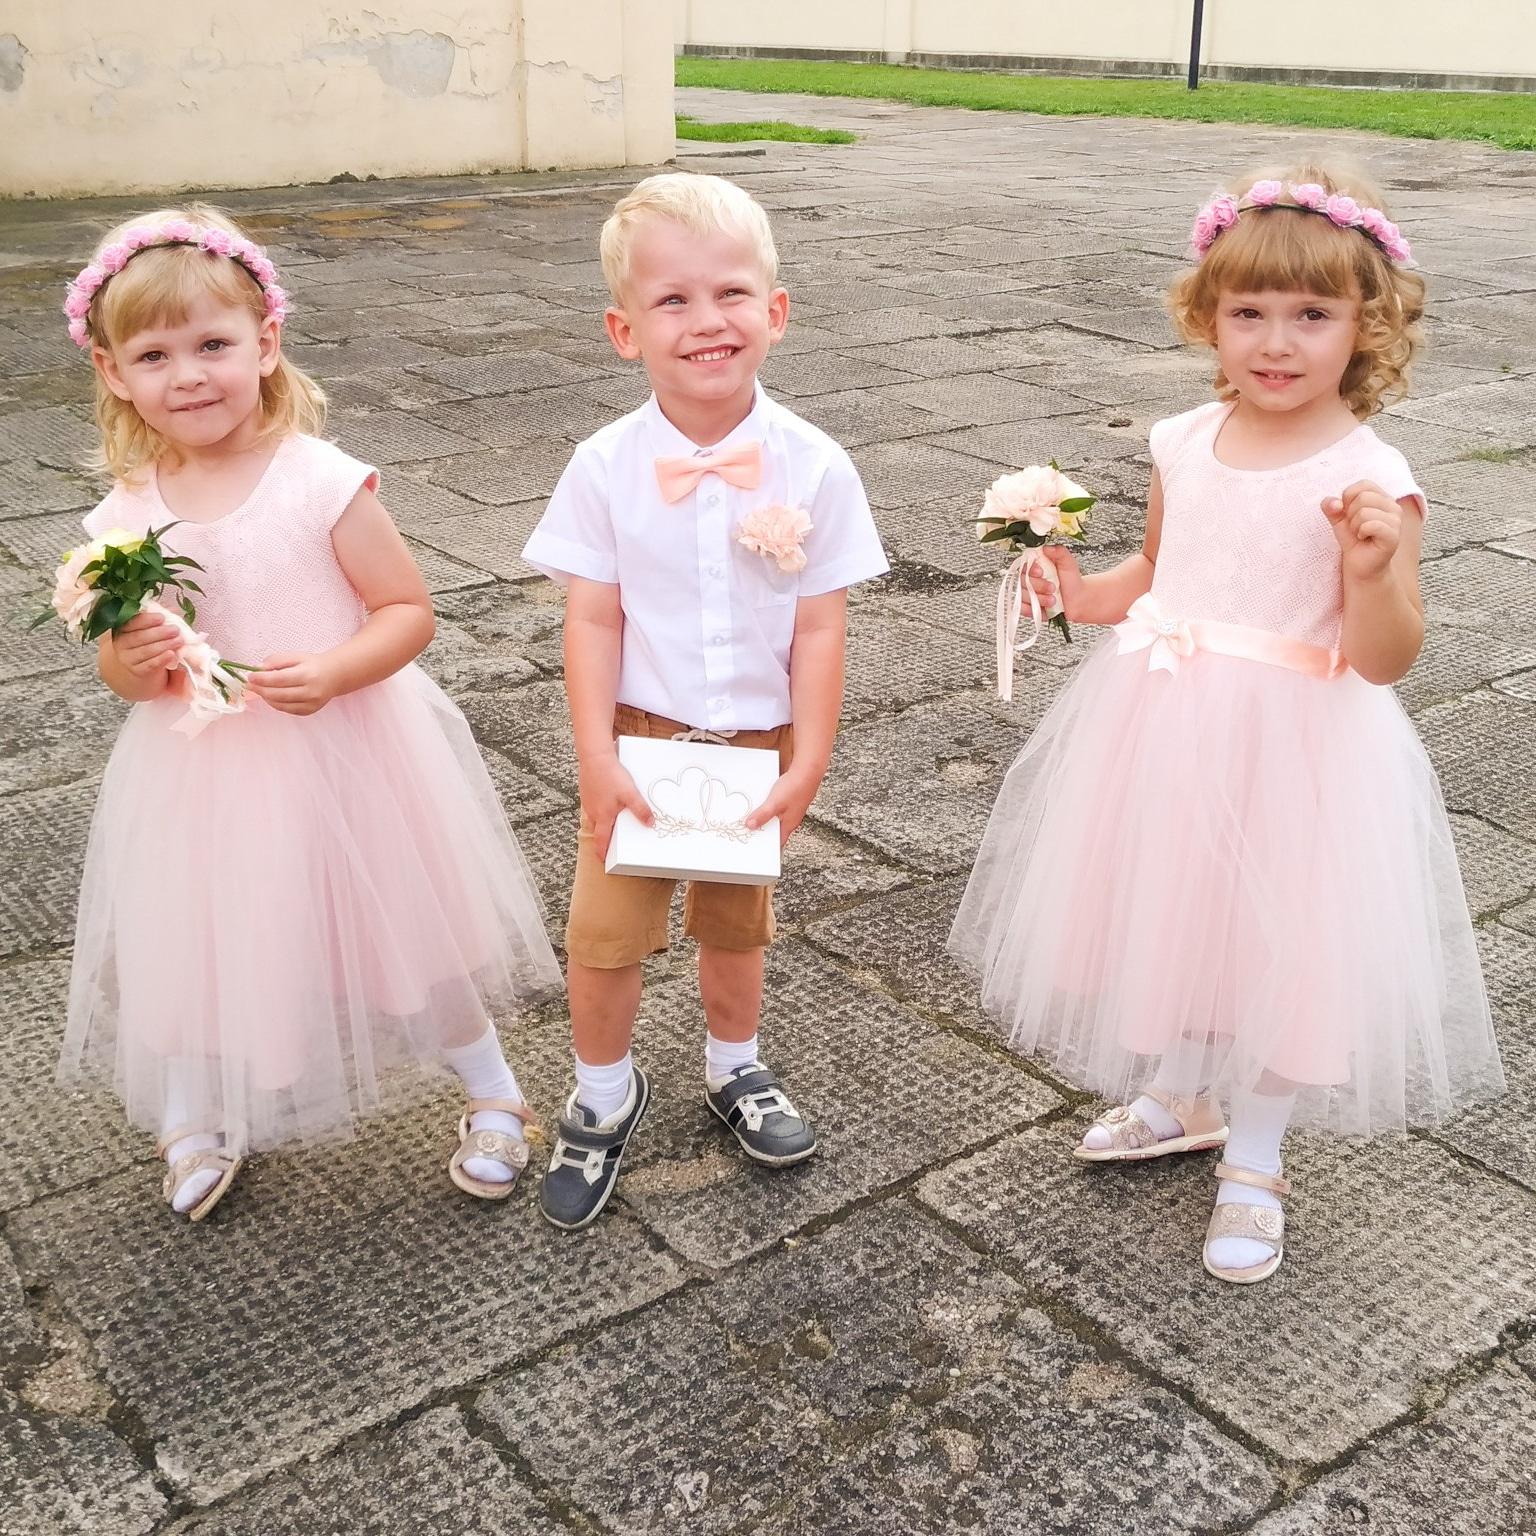 c1a6a547f6 Byłam świadkiem narzekania kilkuletniej dziewczynki na nowe buciki kupione  na wesele kilka dni wcześniej. Po sympatycznej rozmowie z mamą obie ...